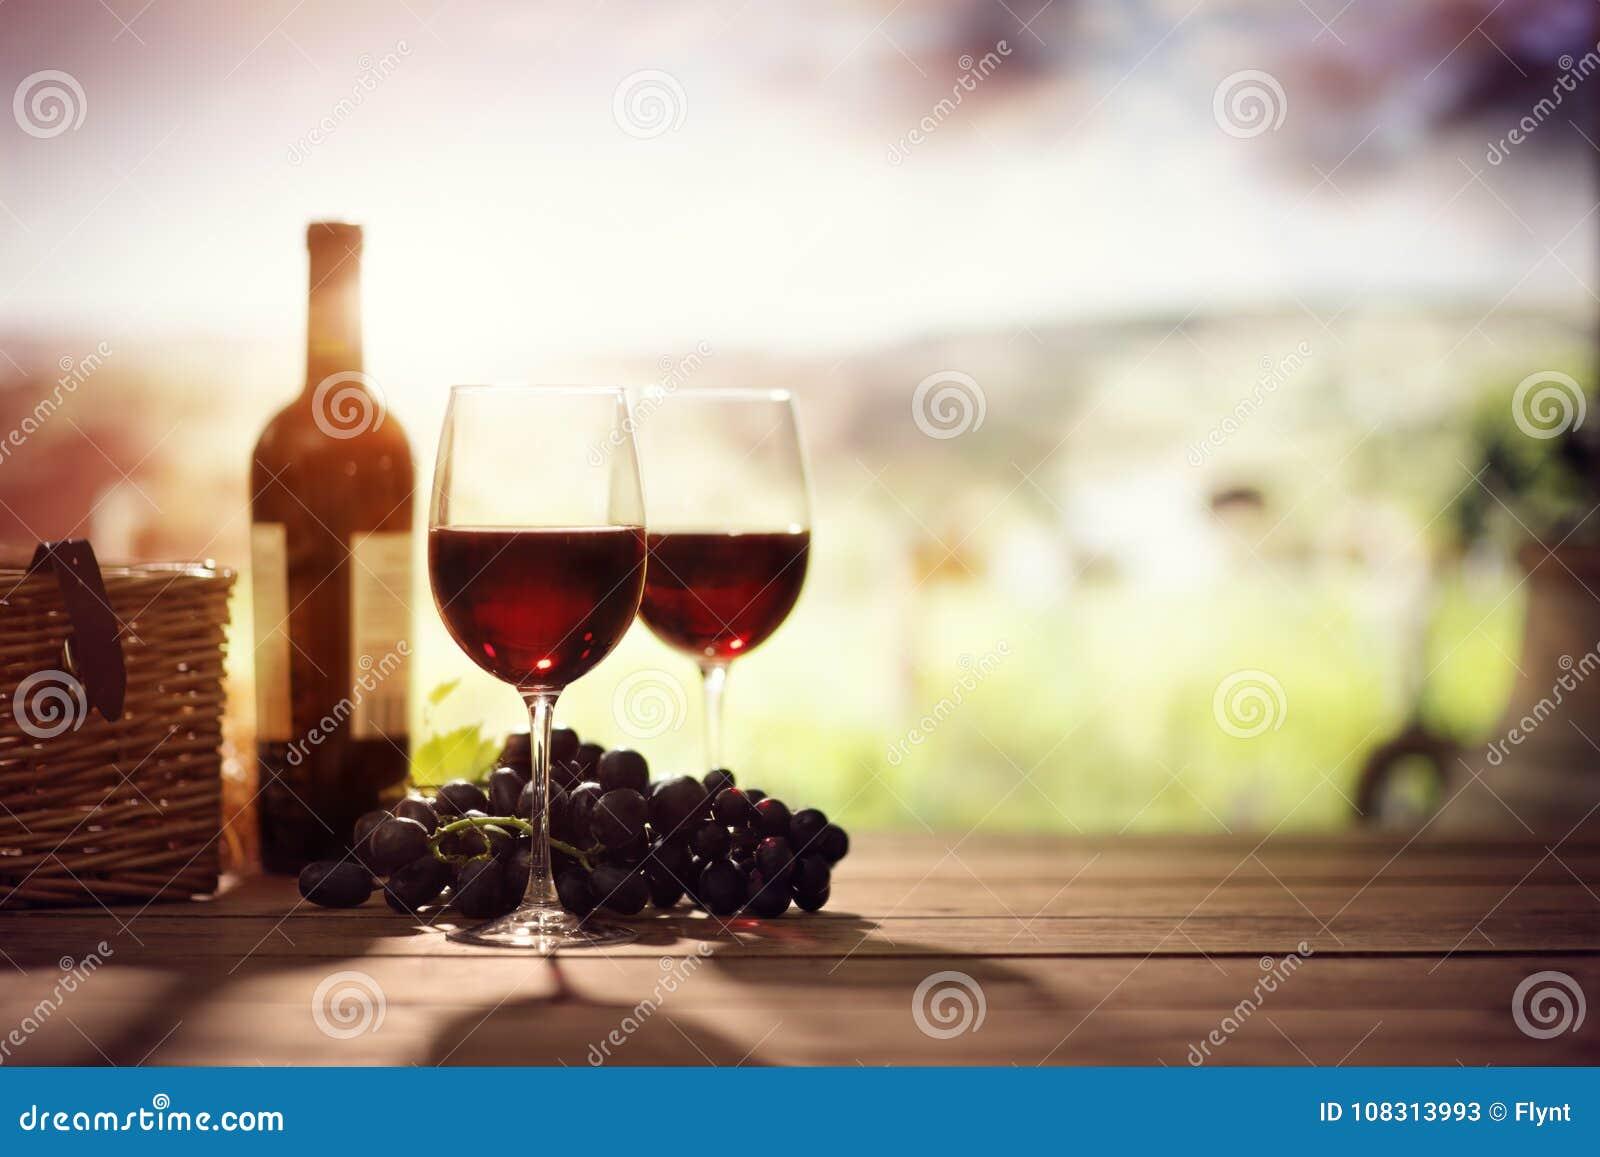 Bouteille et verre de vin rouge sur la table dans le vignoble Toscane Italie